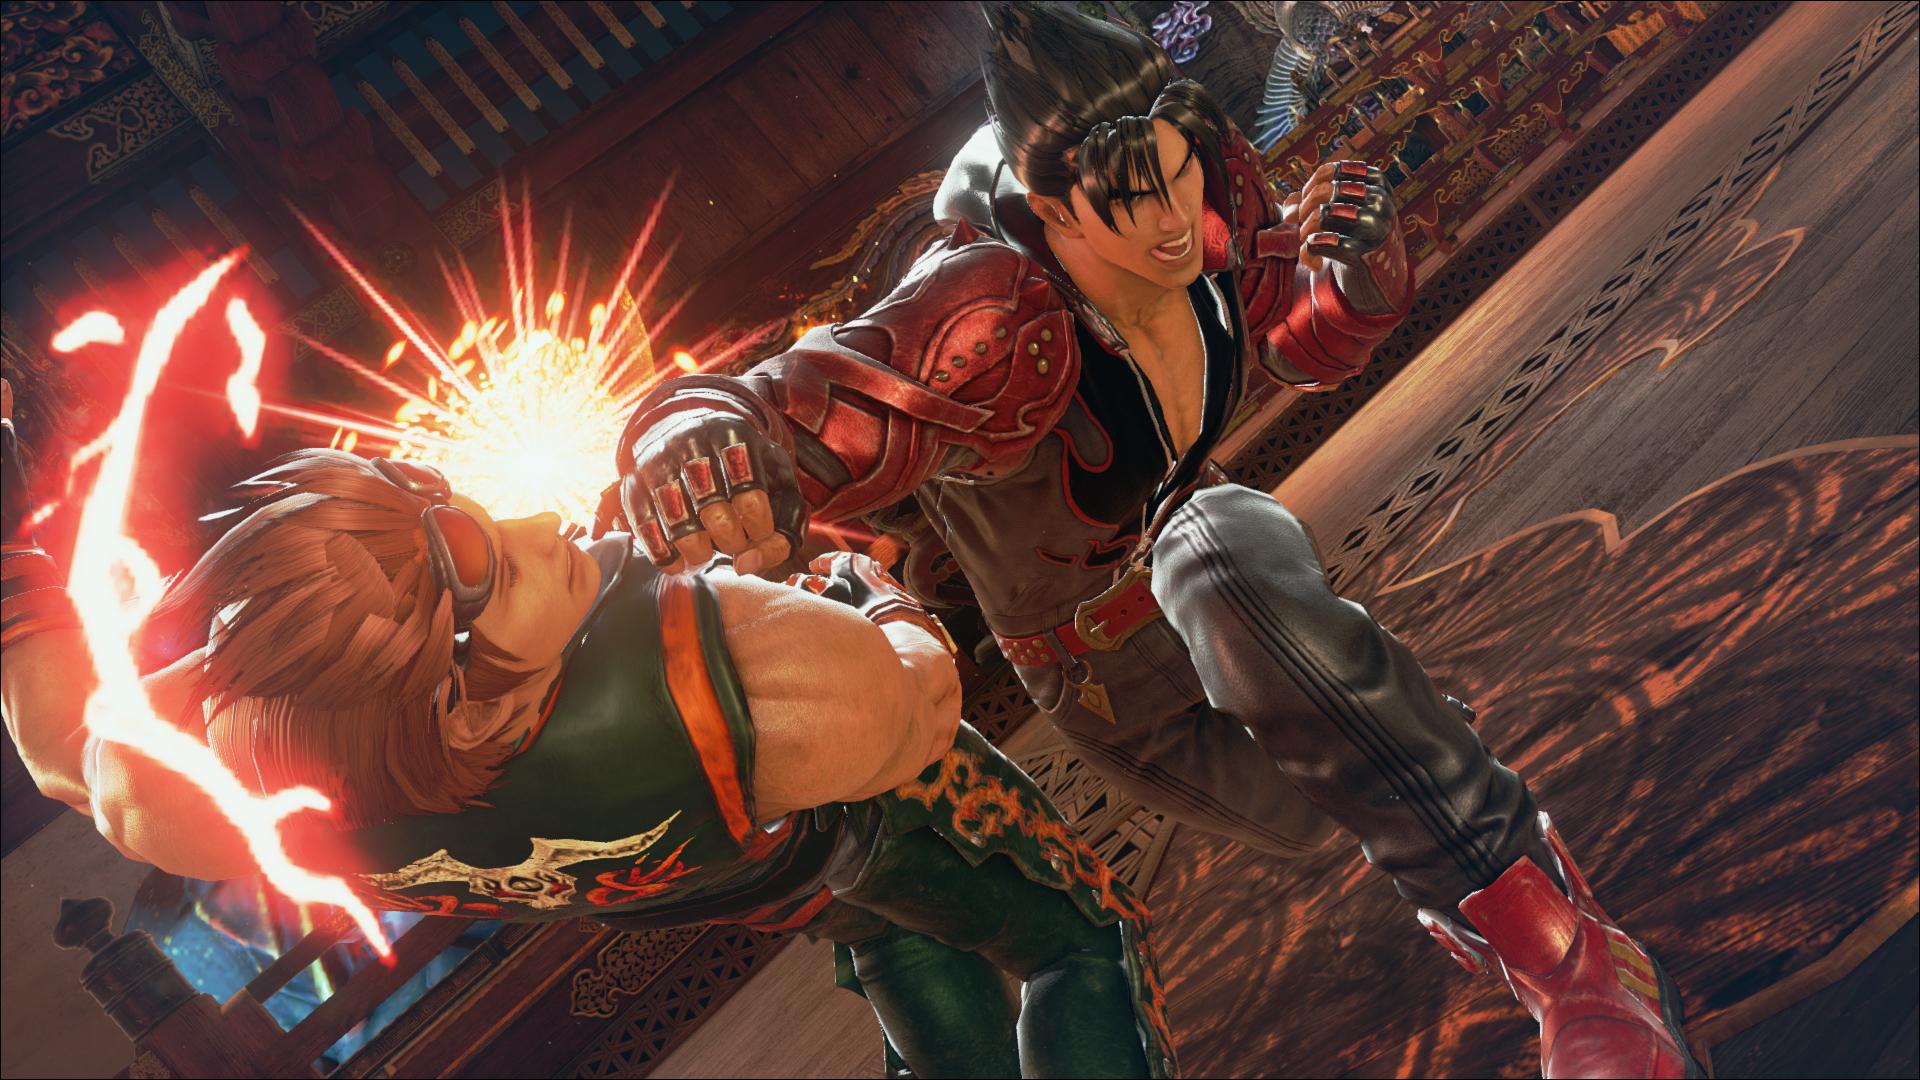 Tekken image.jpg